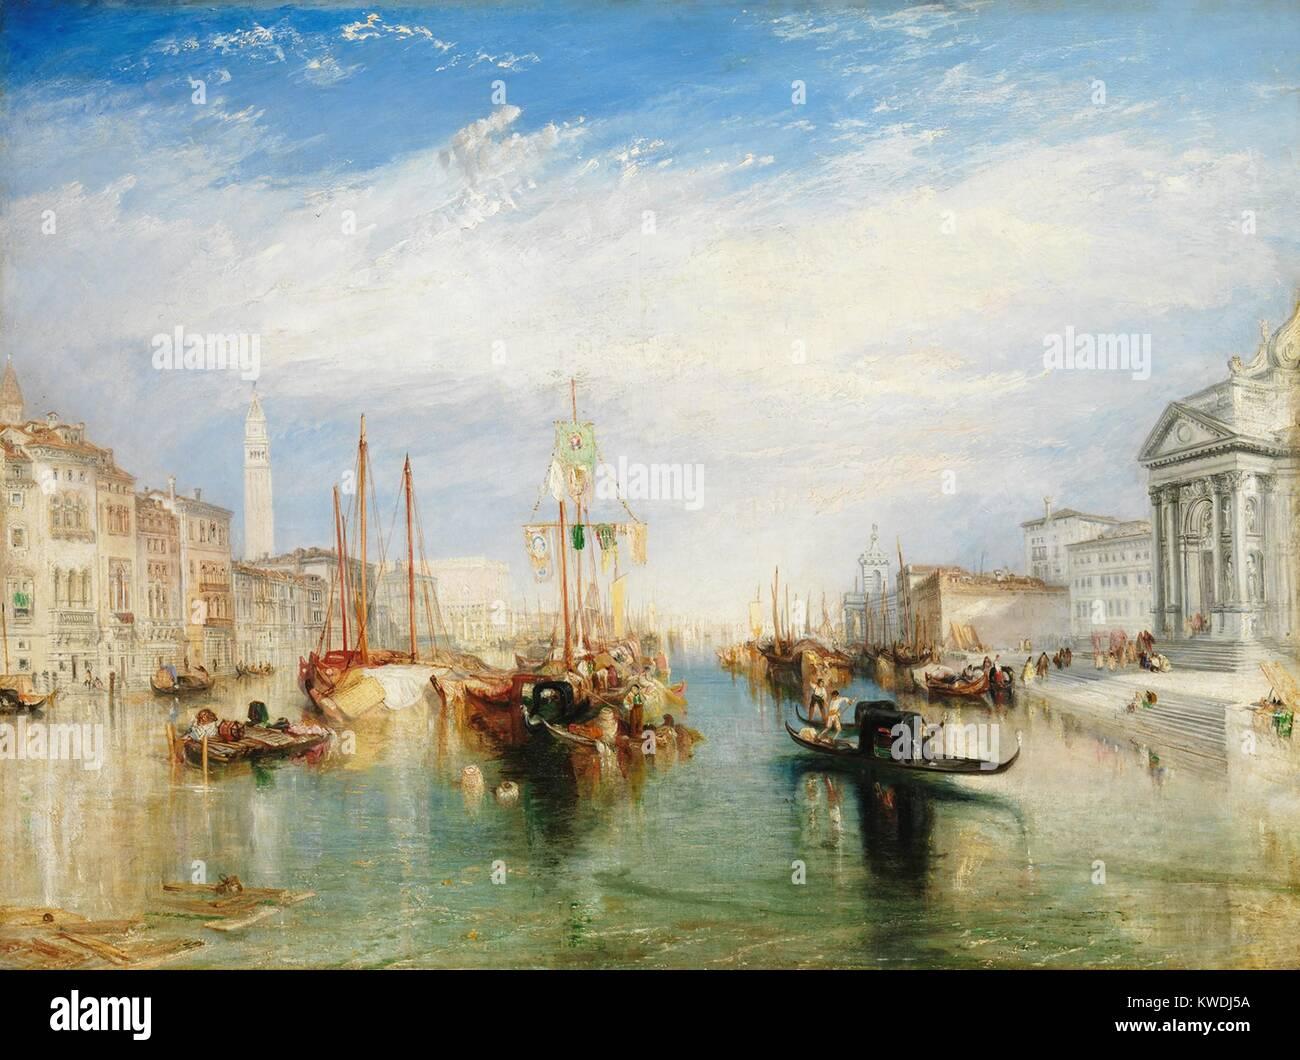 Venedig, VON DER VERANDA DER MADONNA DELLA SALUTE, von Joseph Turner. Britische, Malerei, 1835, Öl auf Leinwand. Stockbild